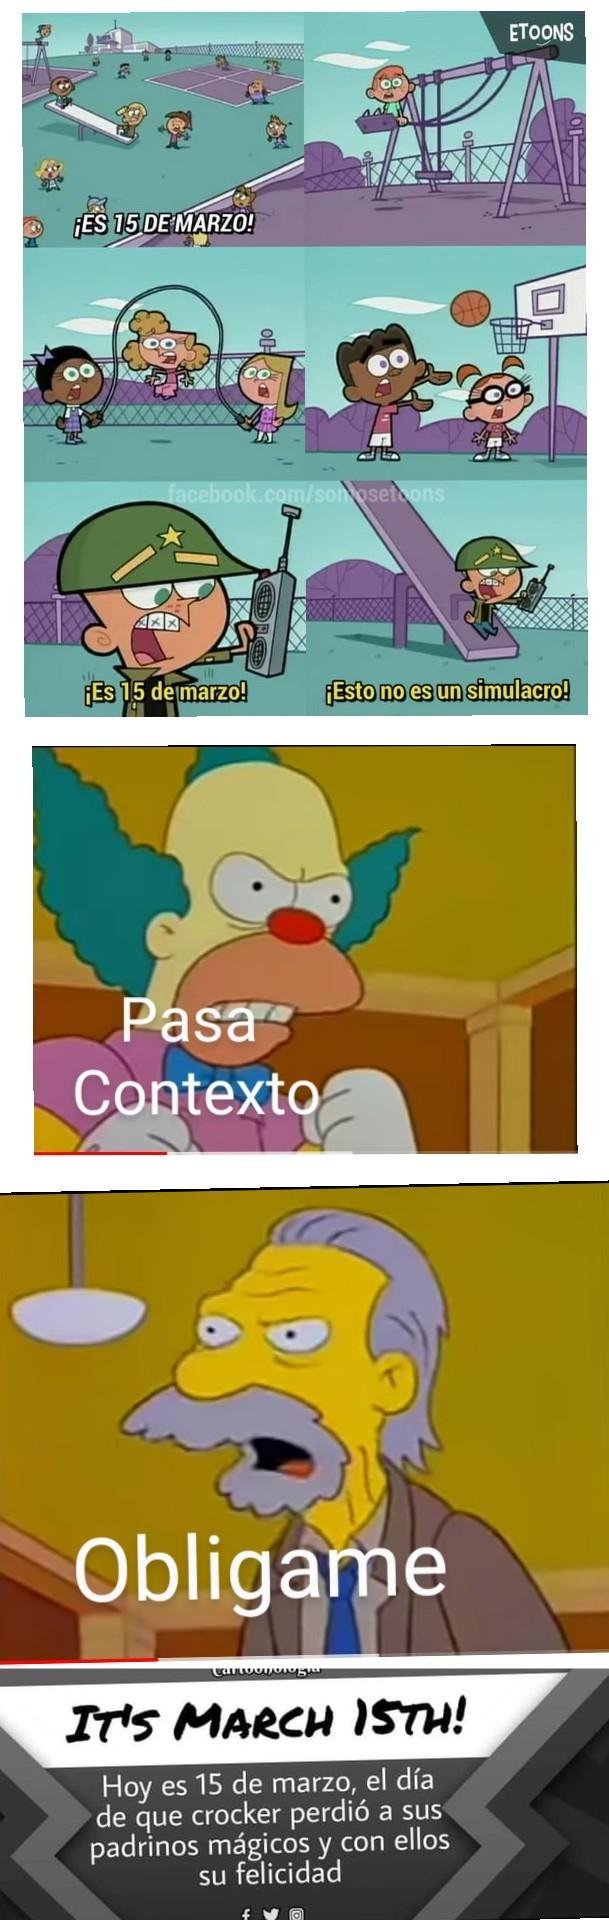 Contexto - meme